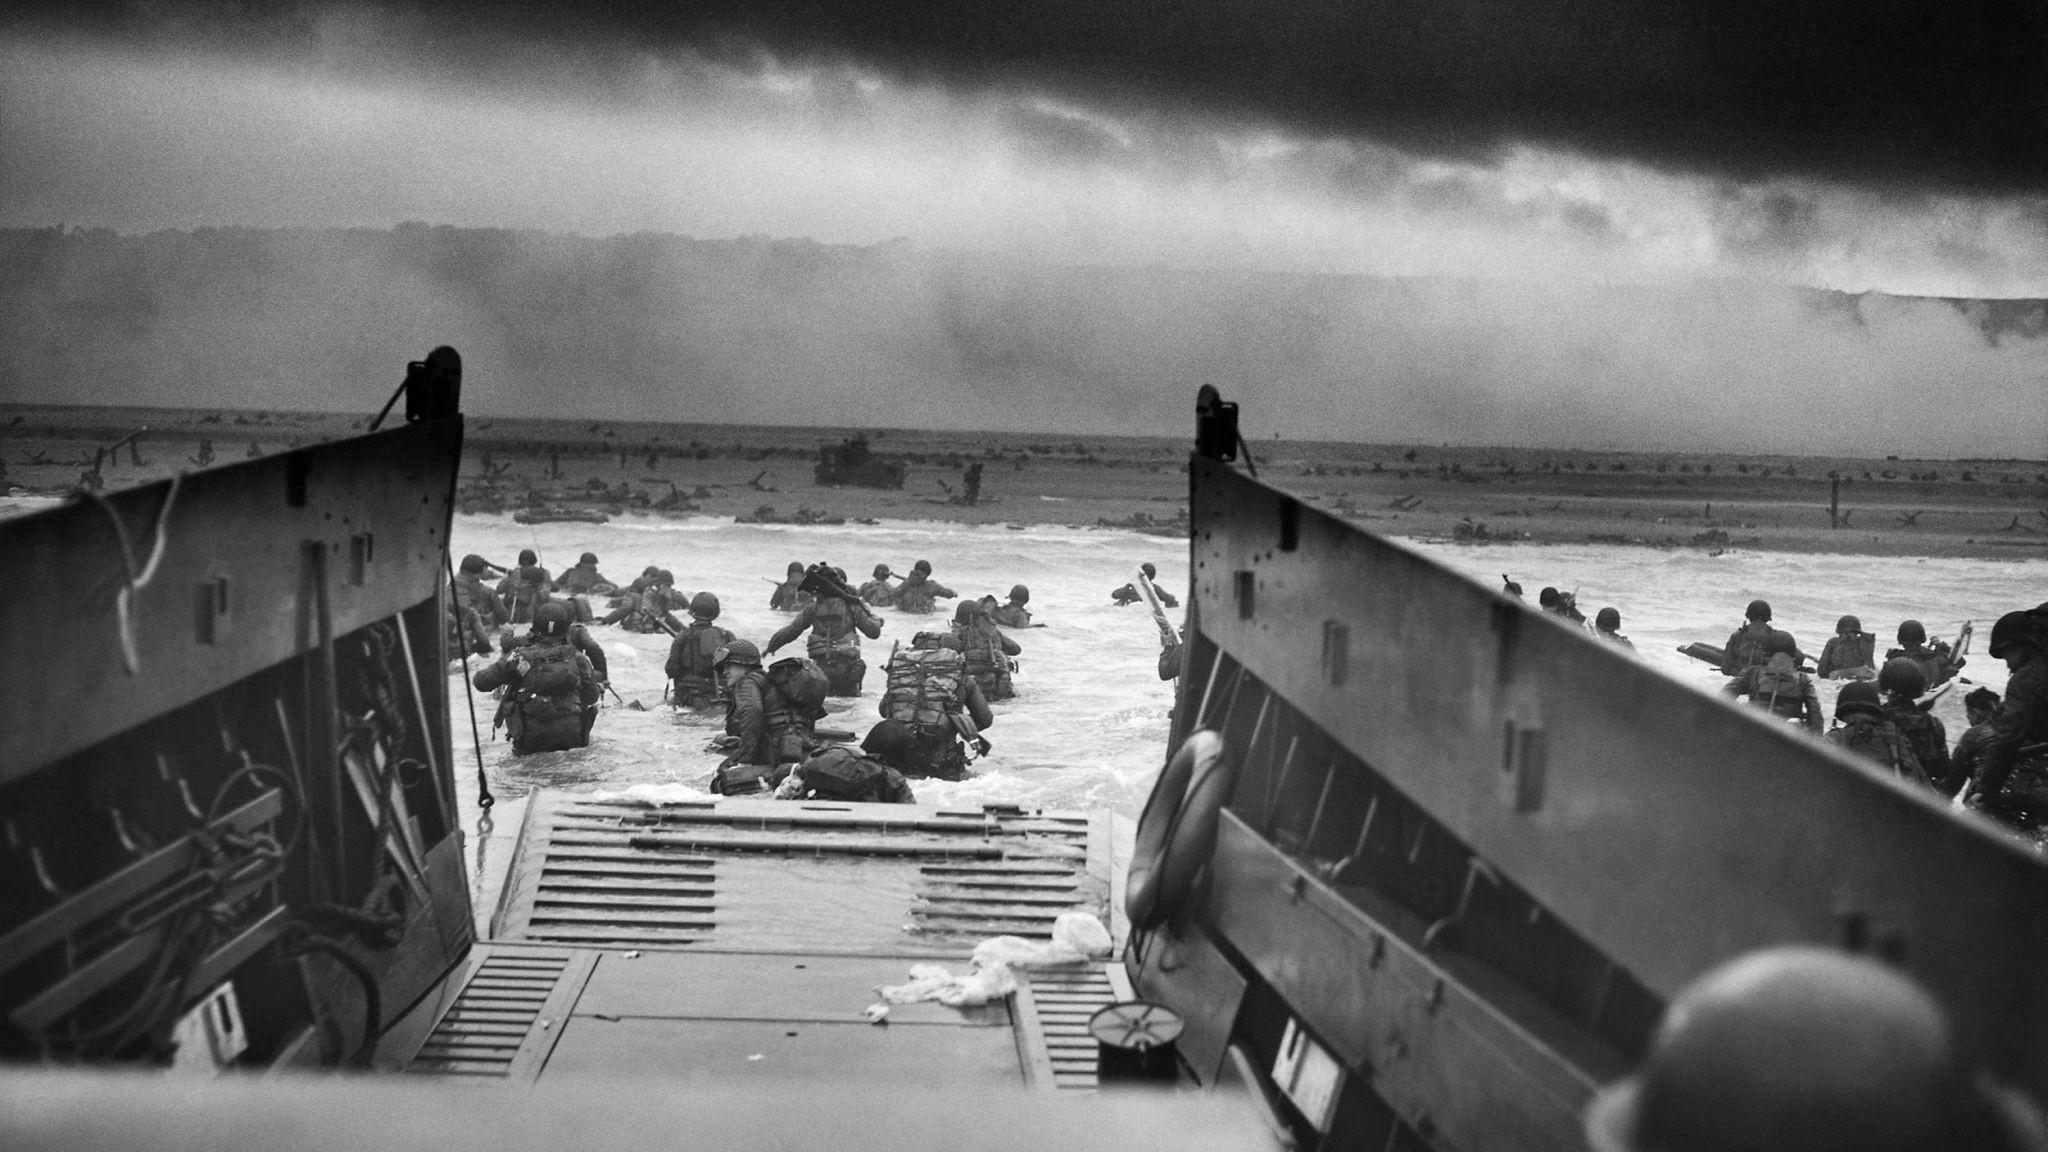 Fond Décran Monochrome Guerre La Photographie Soldat